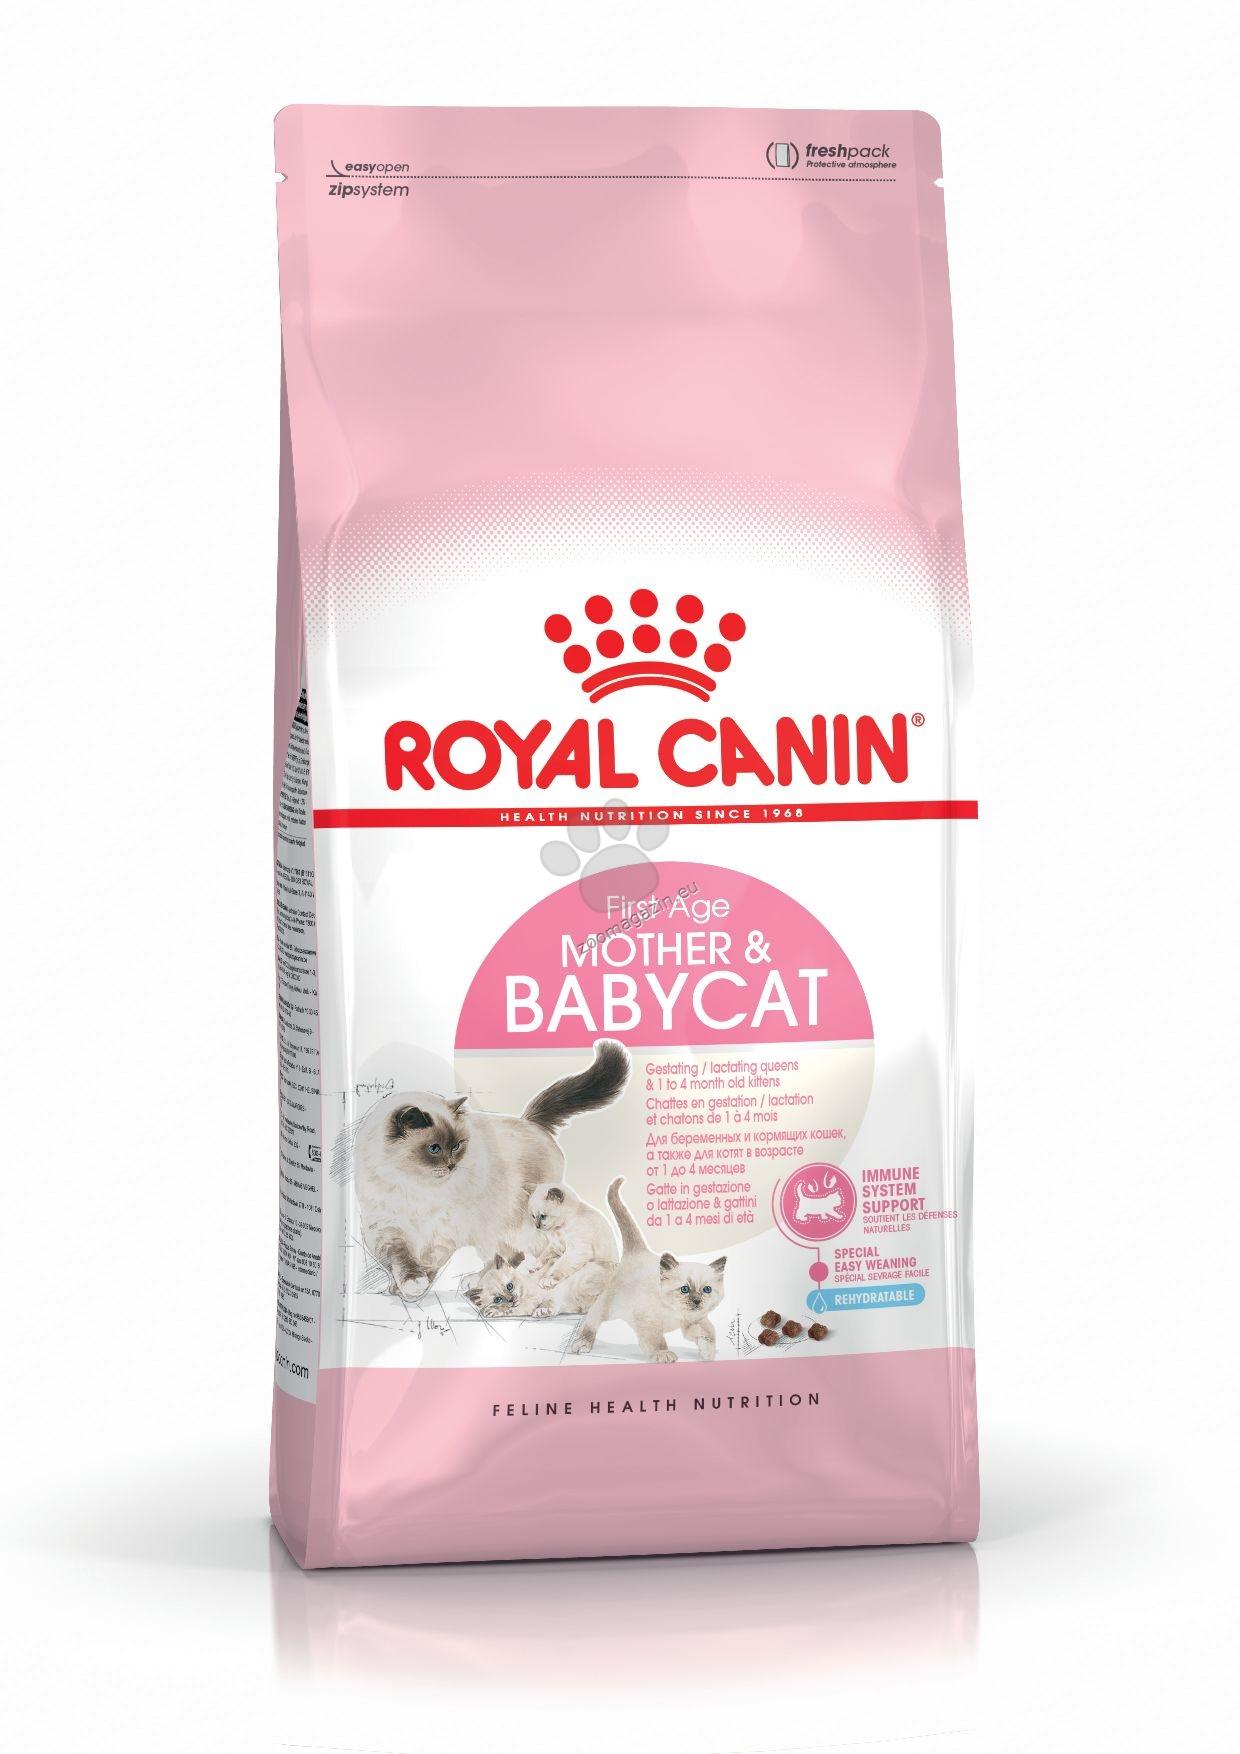 Royal Canin Mother & Babycat - пълноценна храна за новородени котенца от 1 до 4 месечна възраст 2 кг.